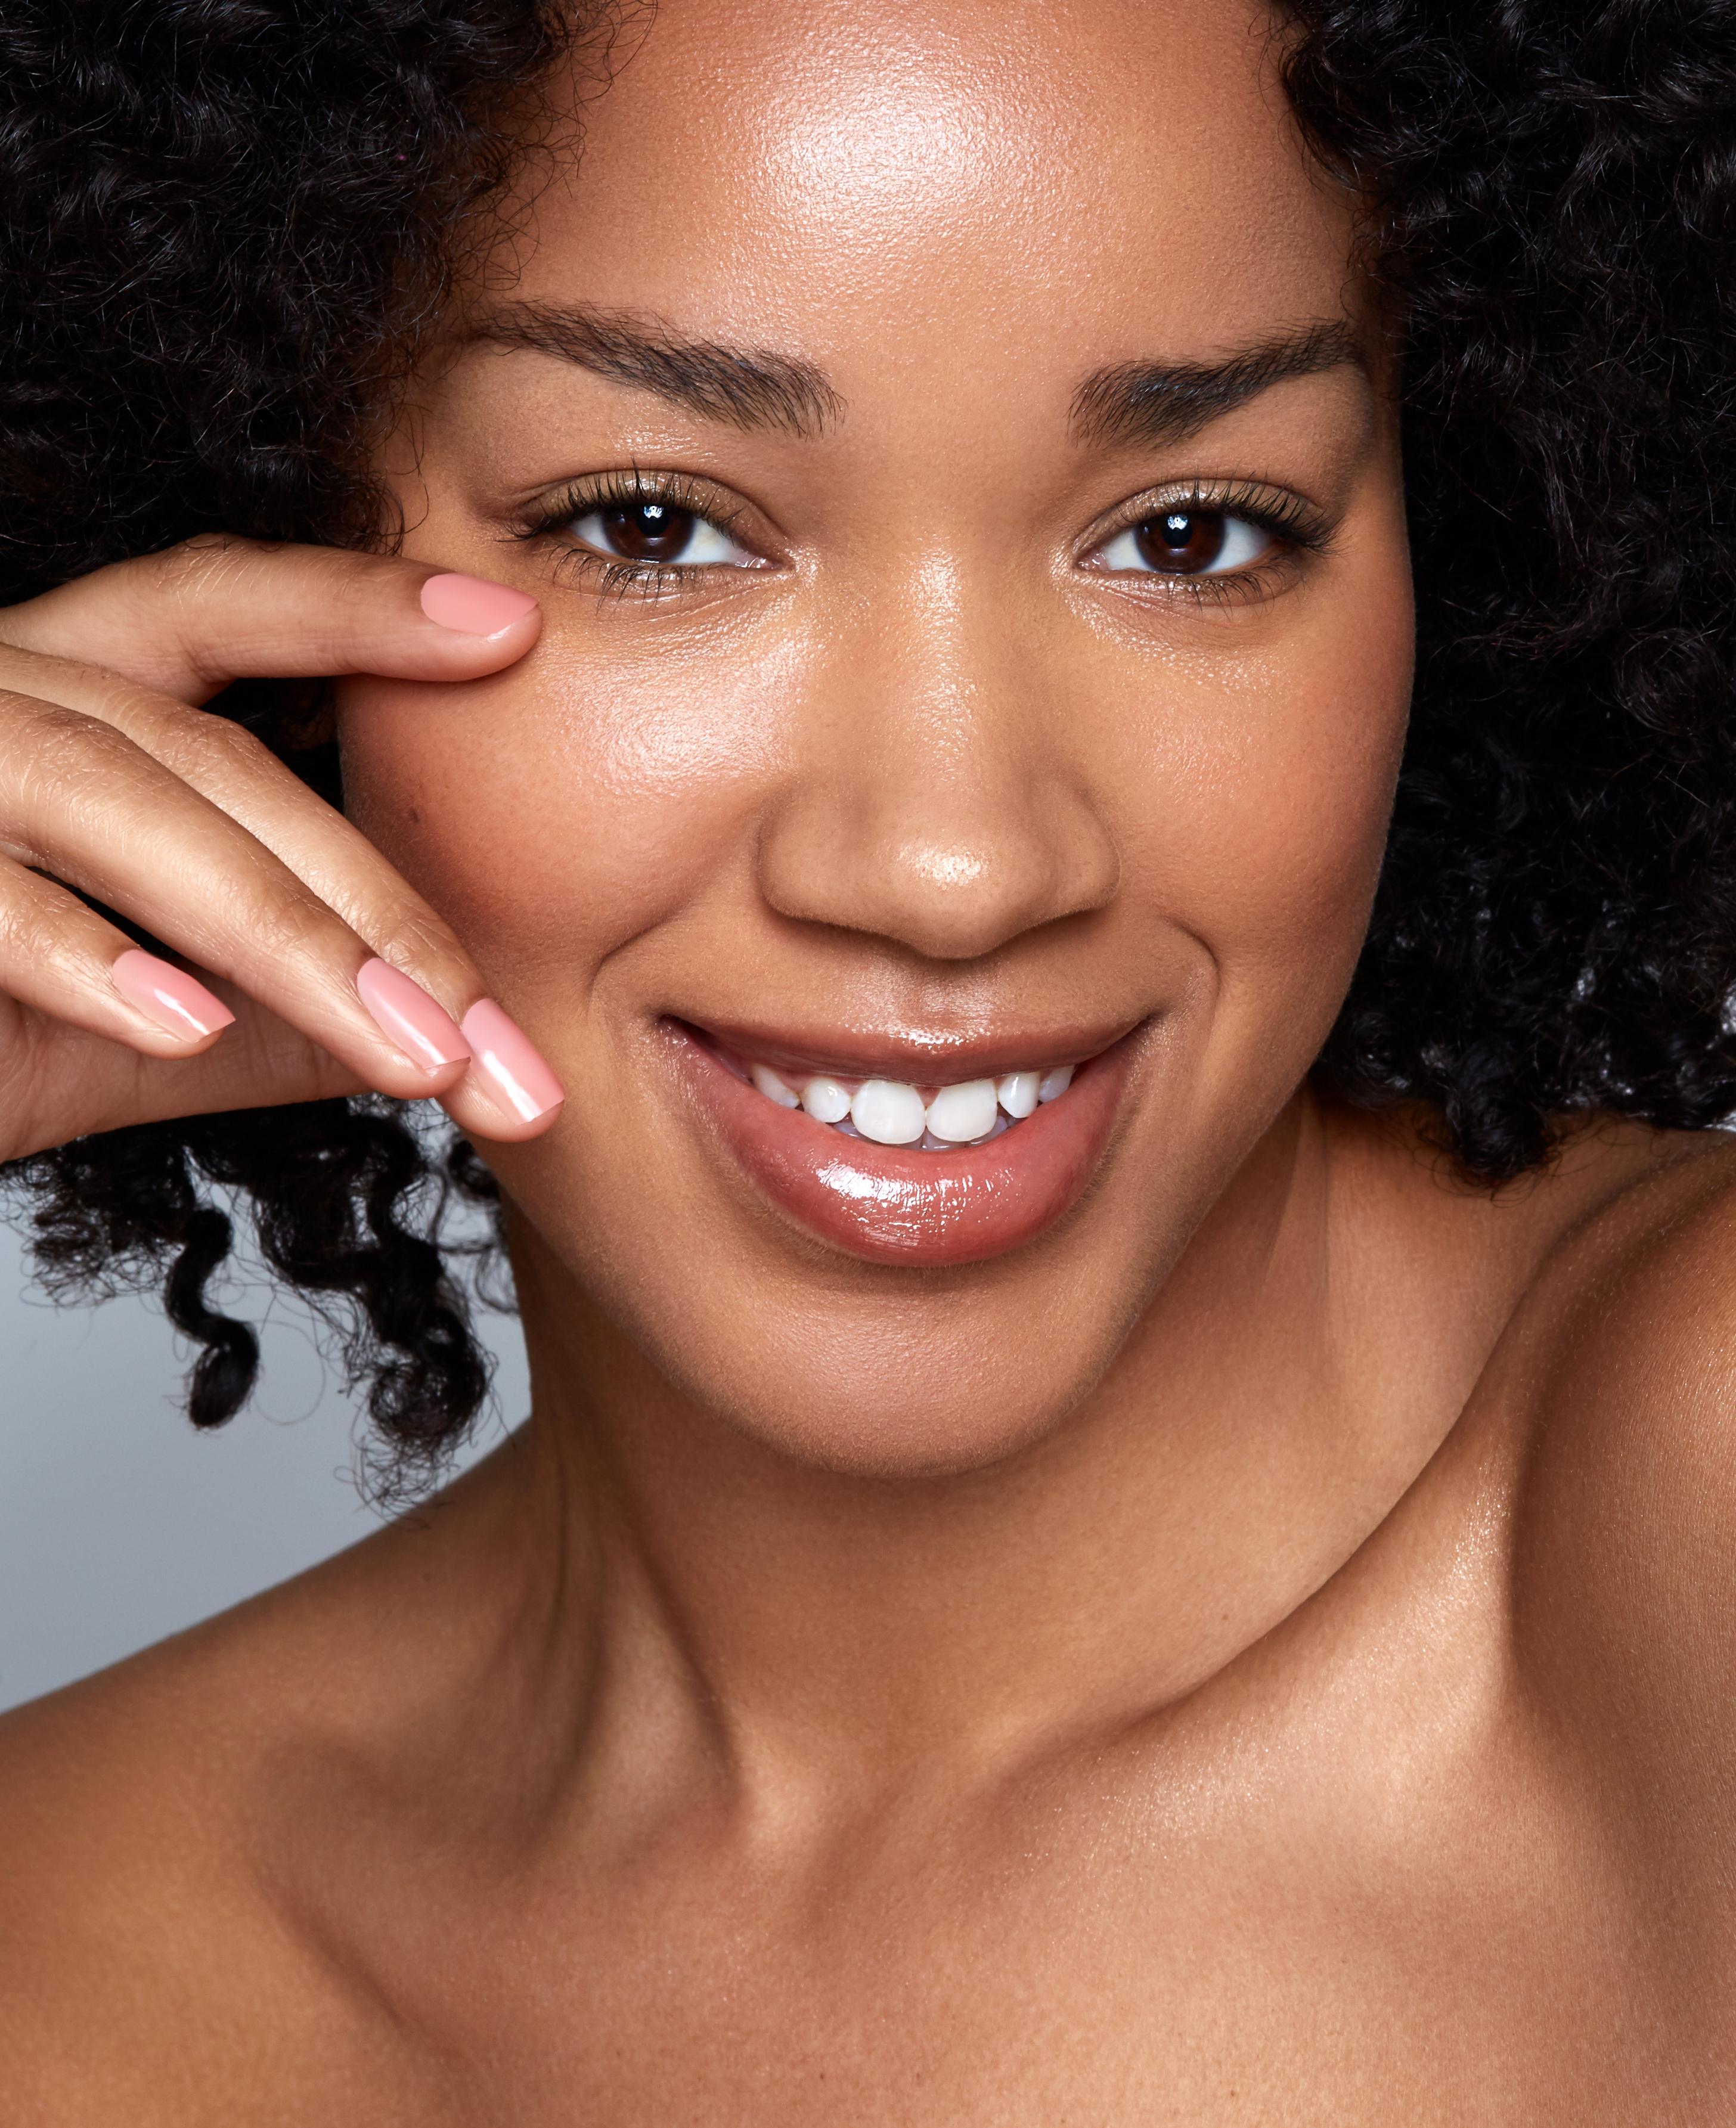 Skincare11562Dec 13 2020